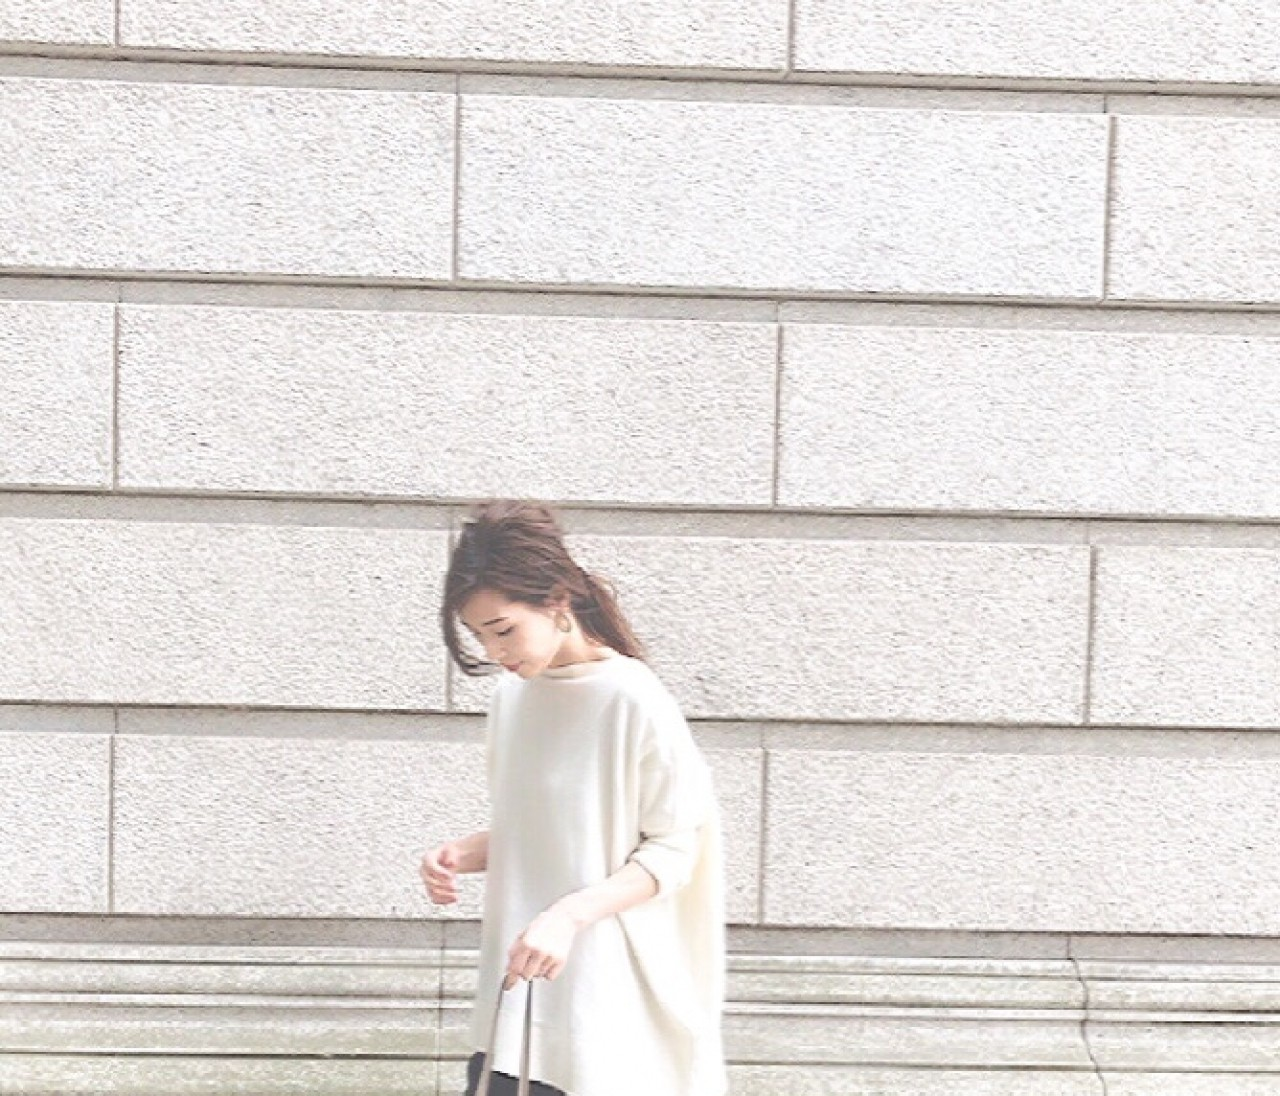 【通勤コーデ】プチプラ細見えトップスと綺麗めパンツ